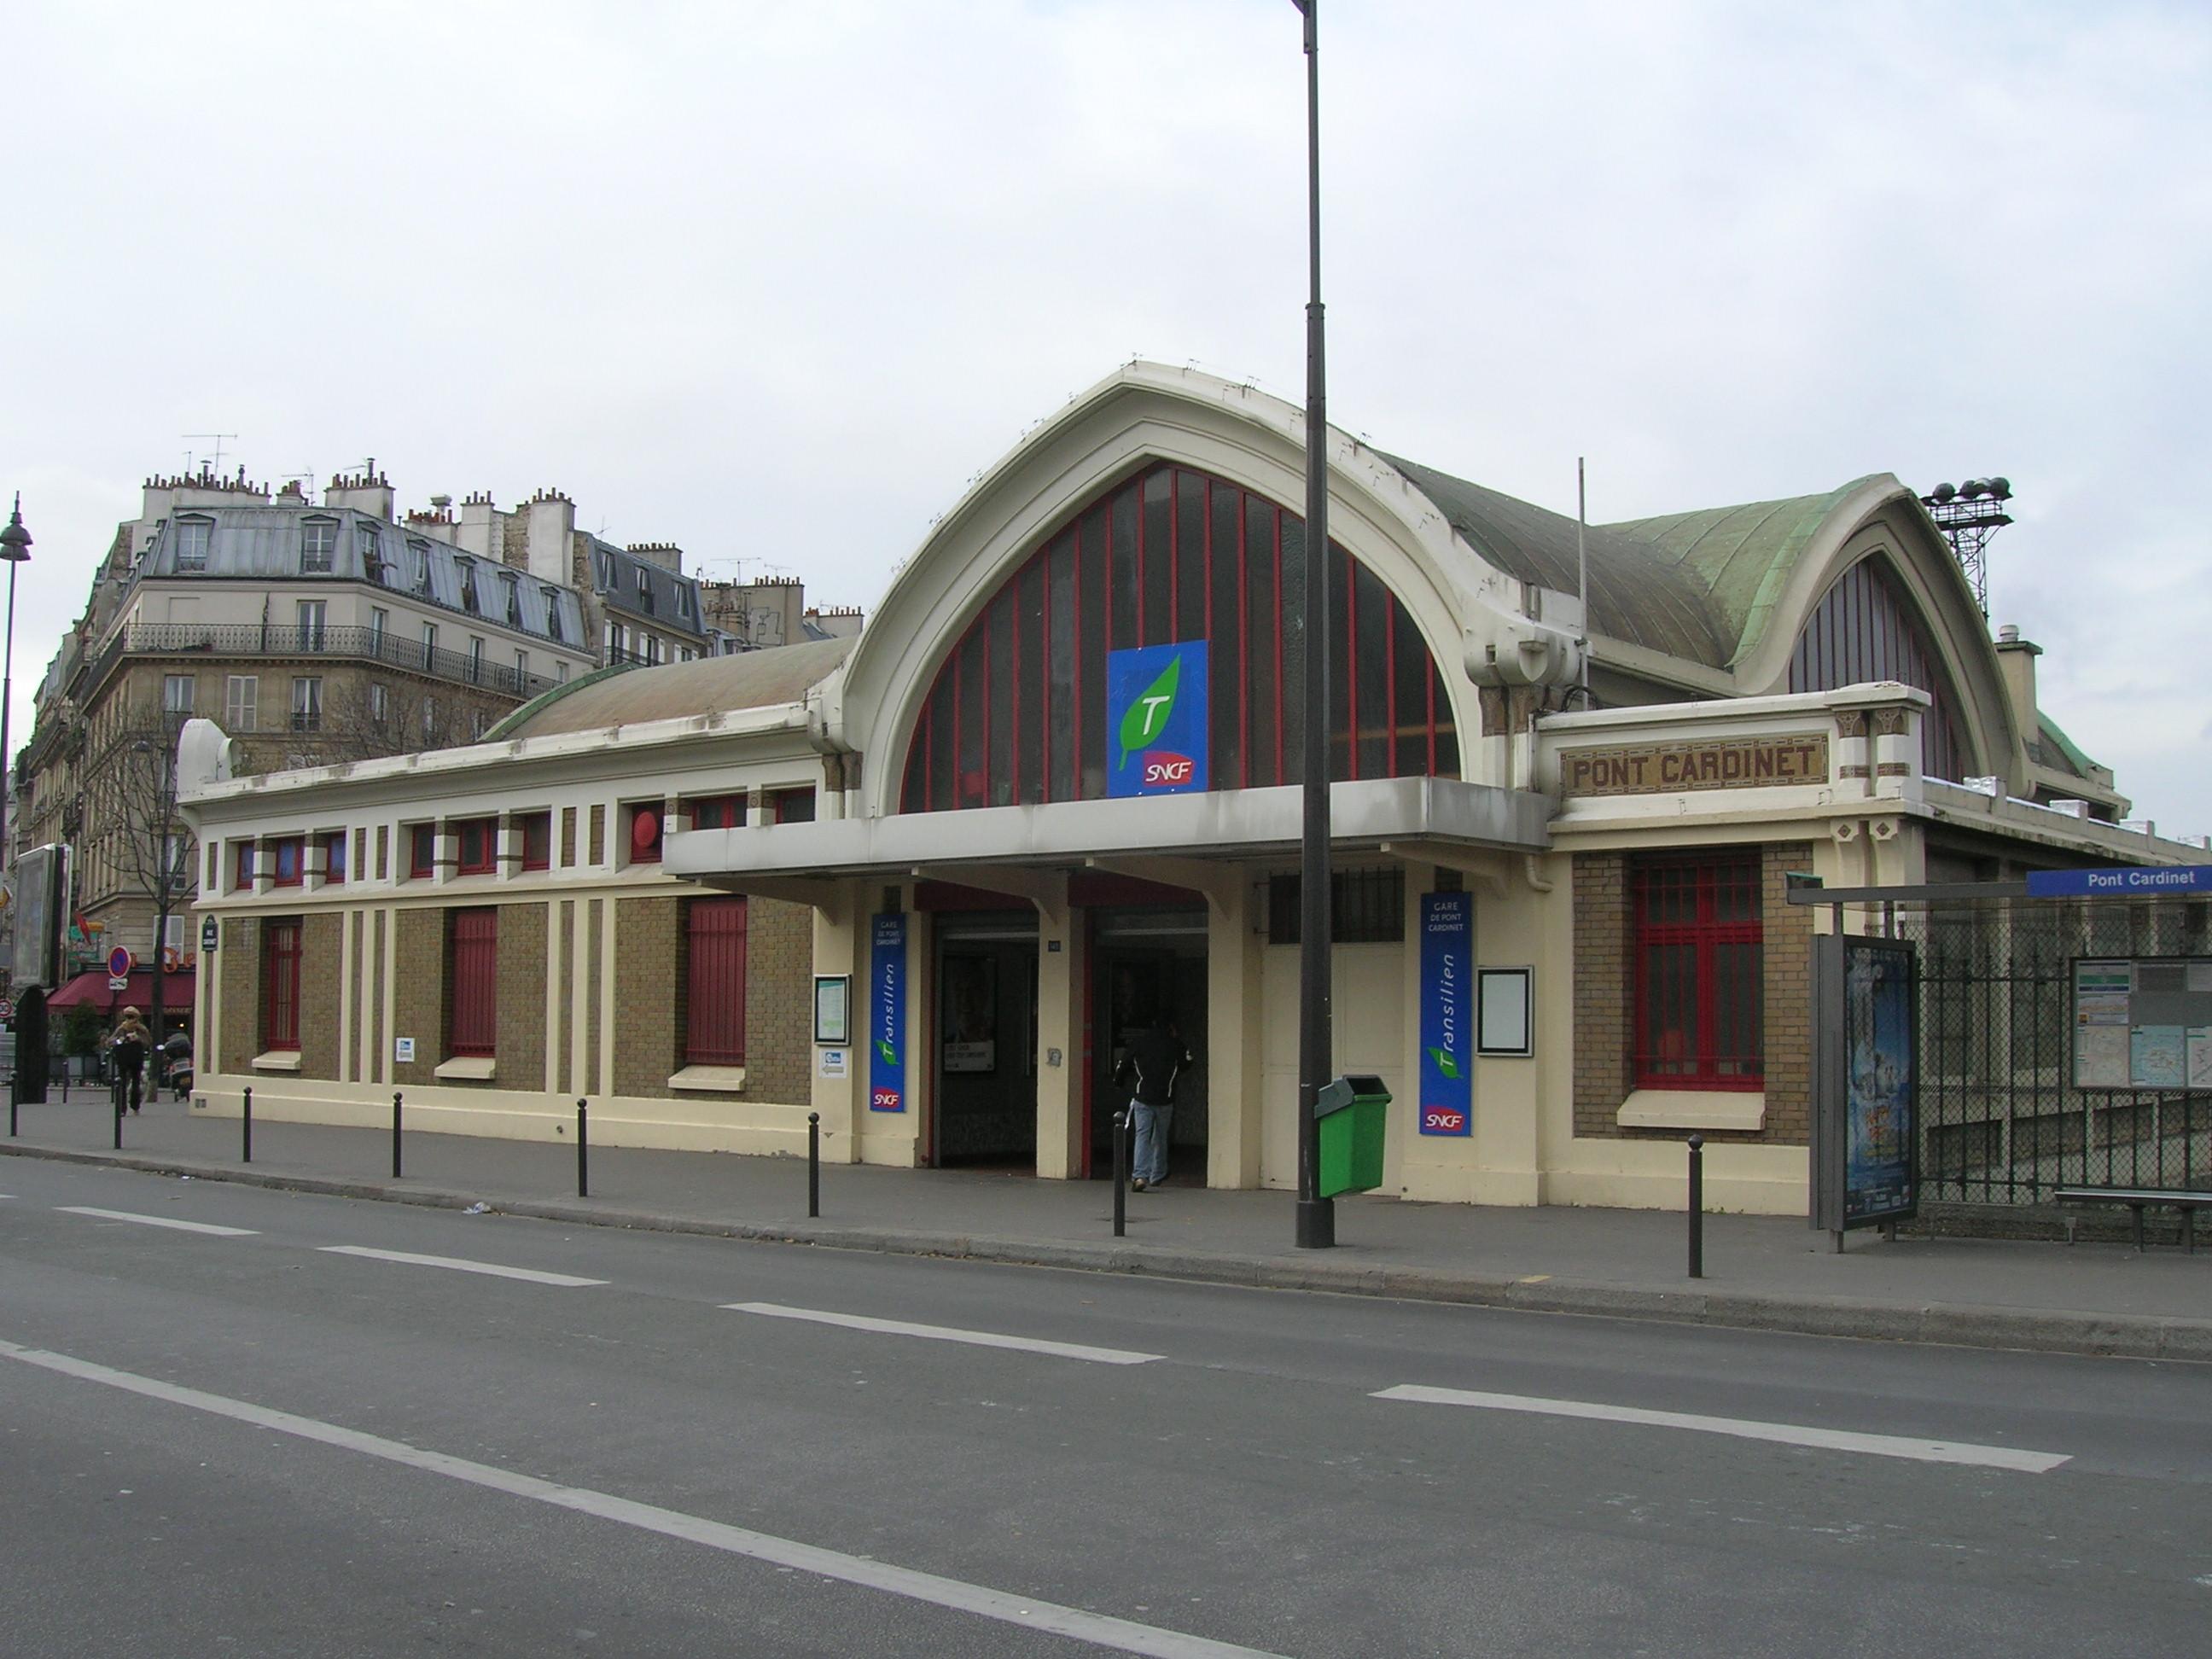 paris-gare-pont-cardinet-train-station